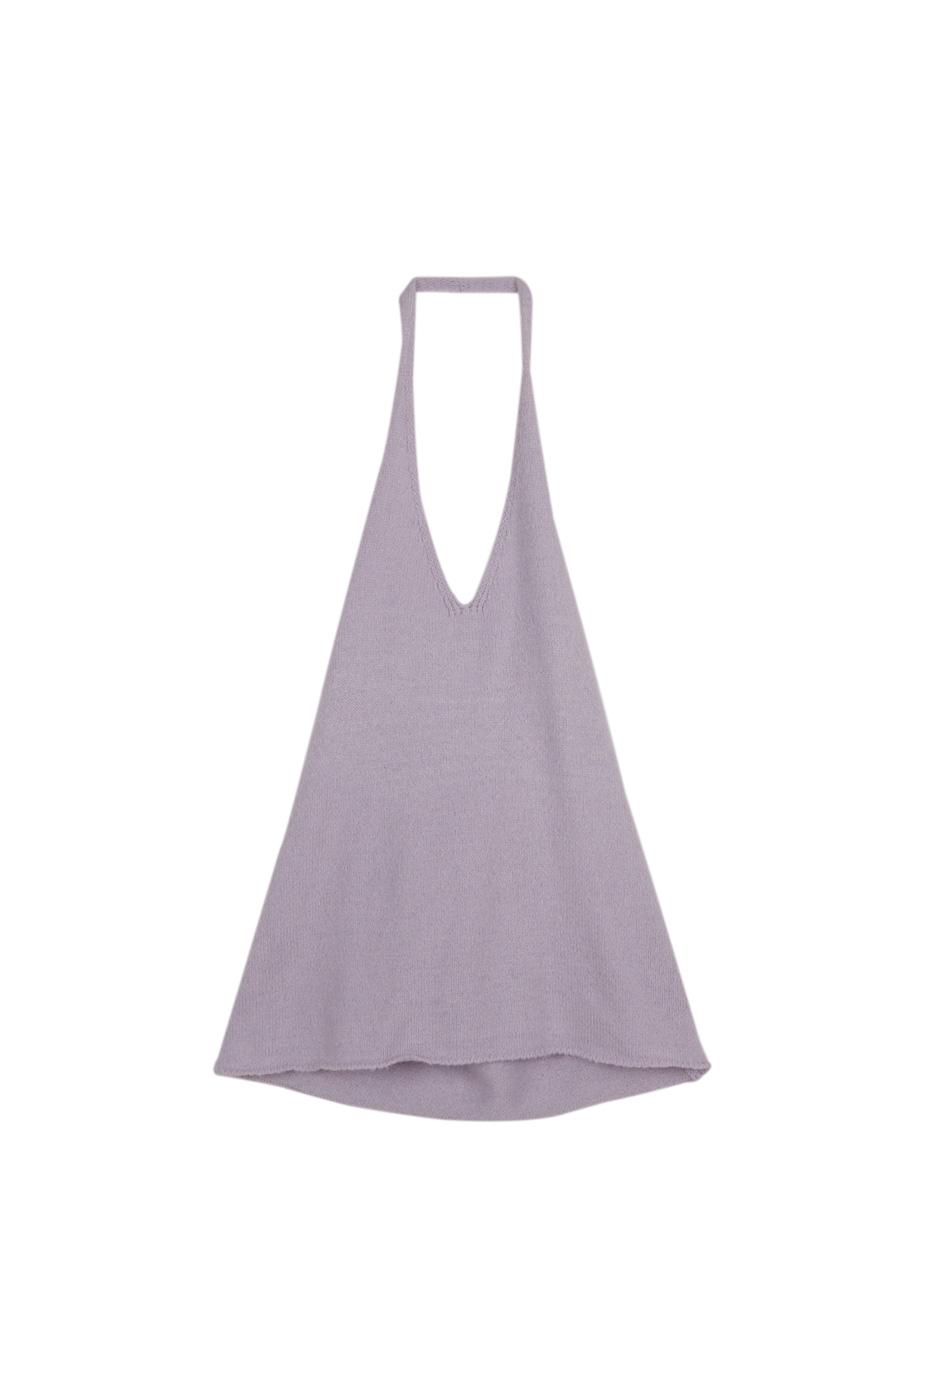 Jenny Halter Knitwear Top